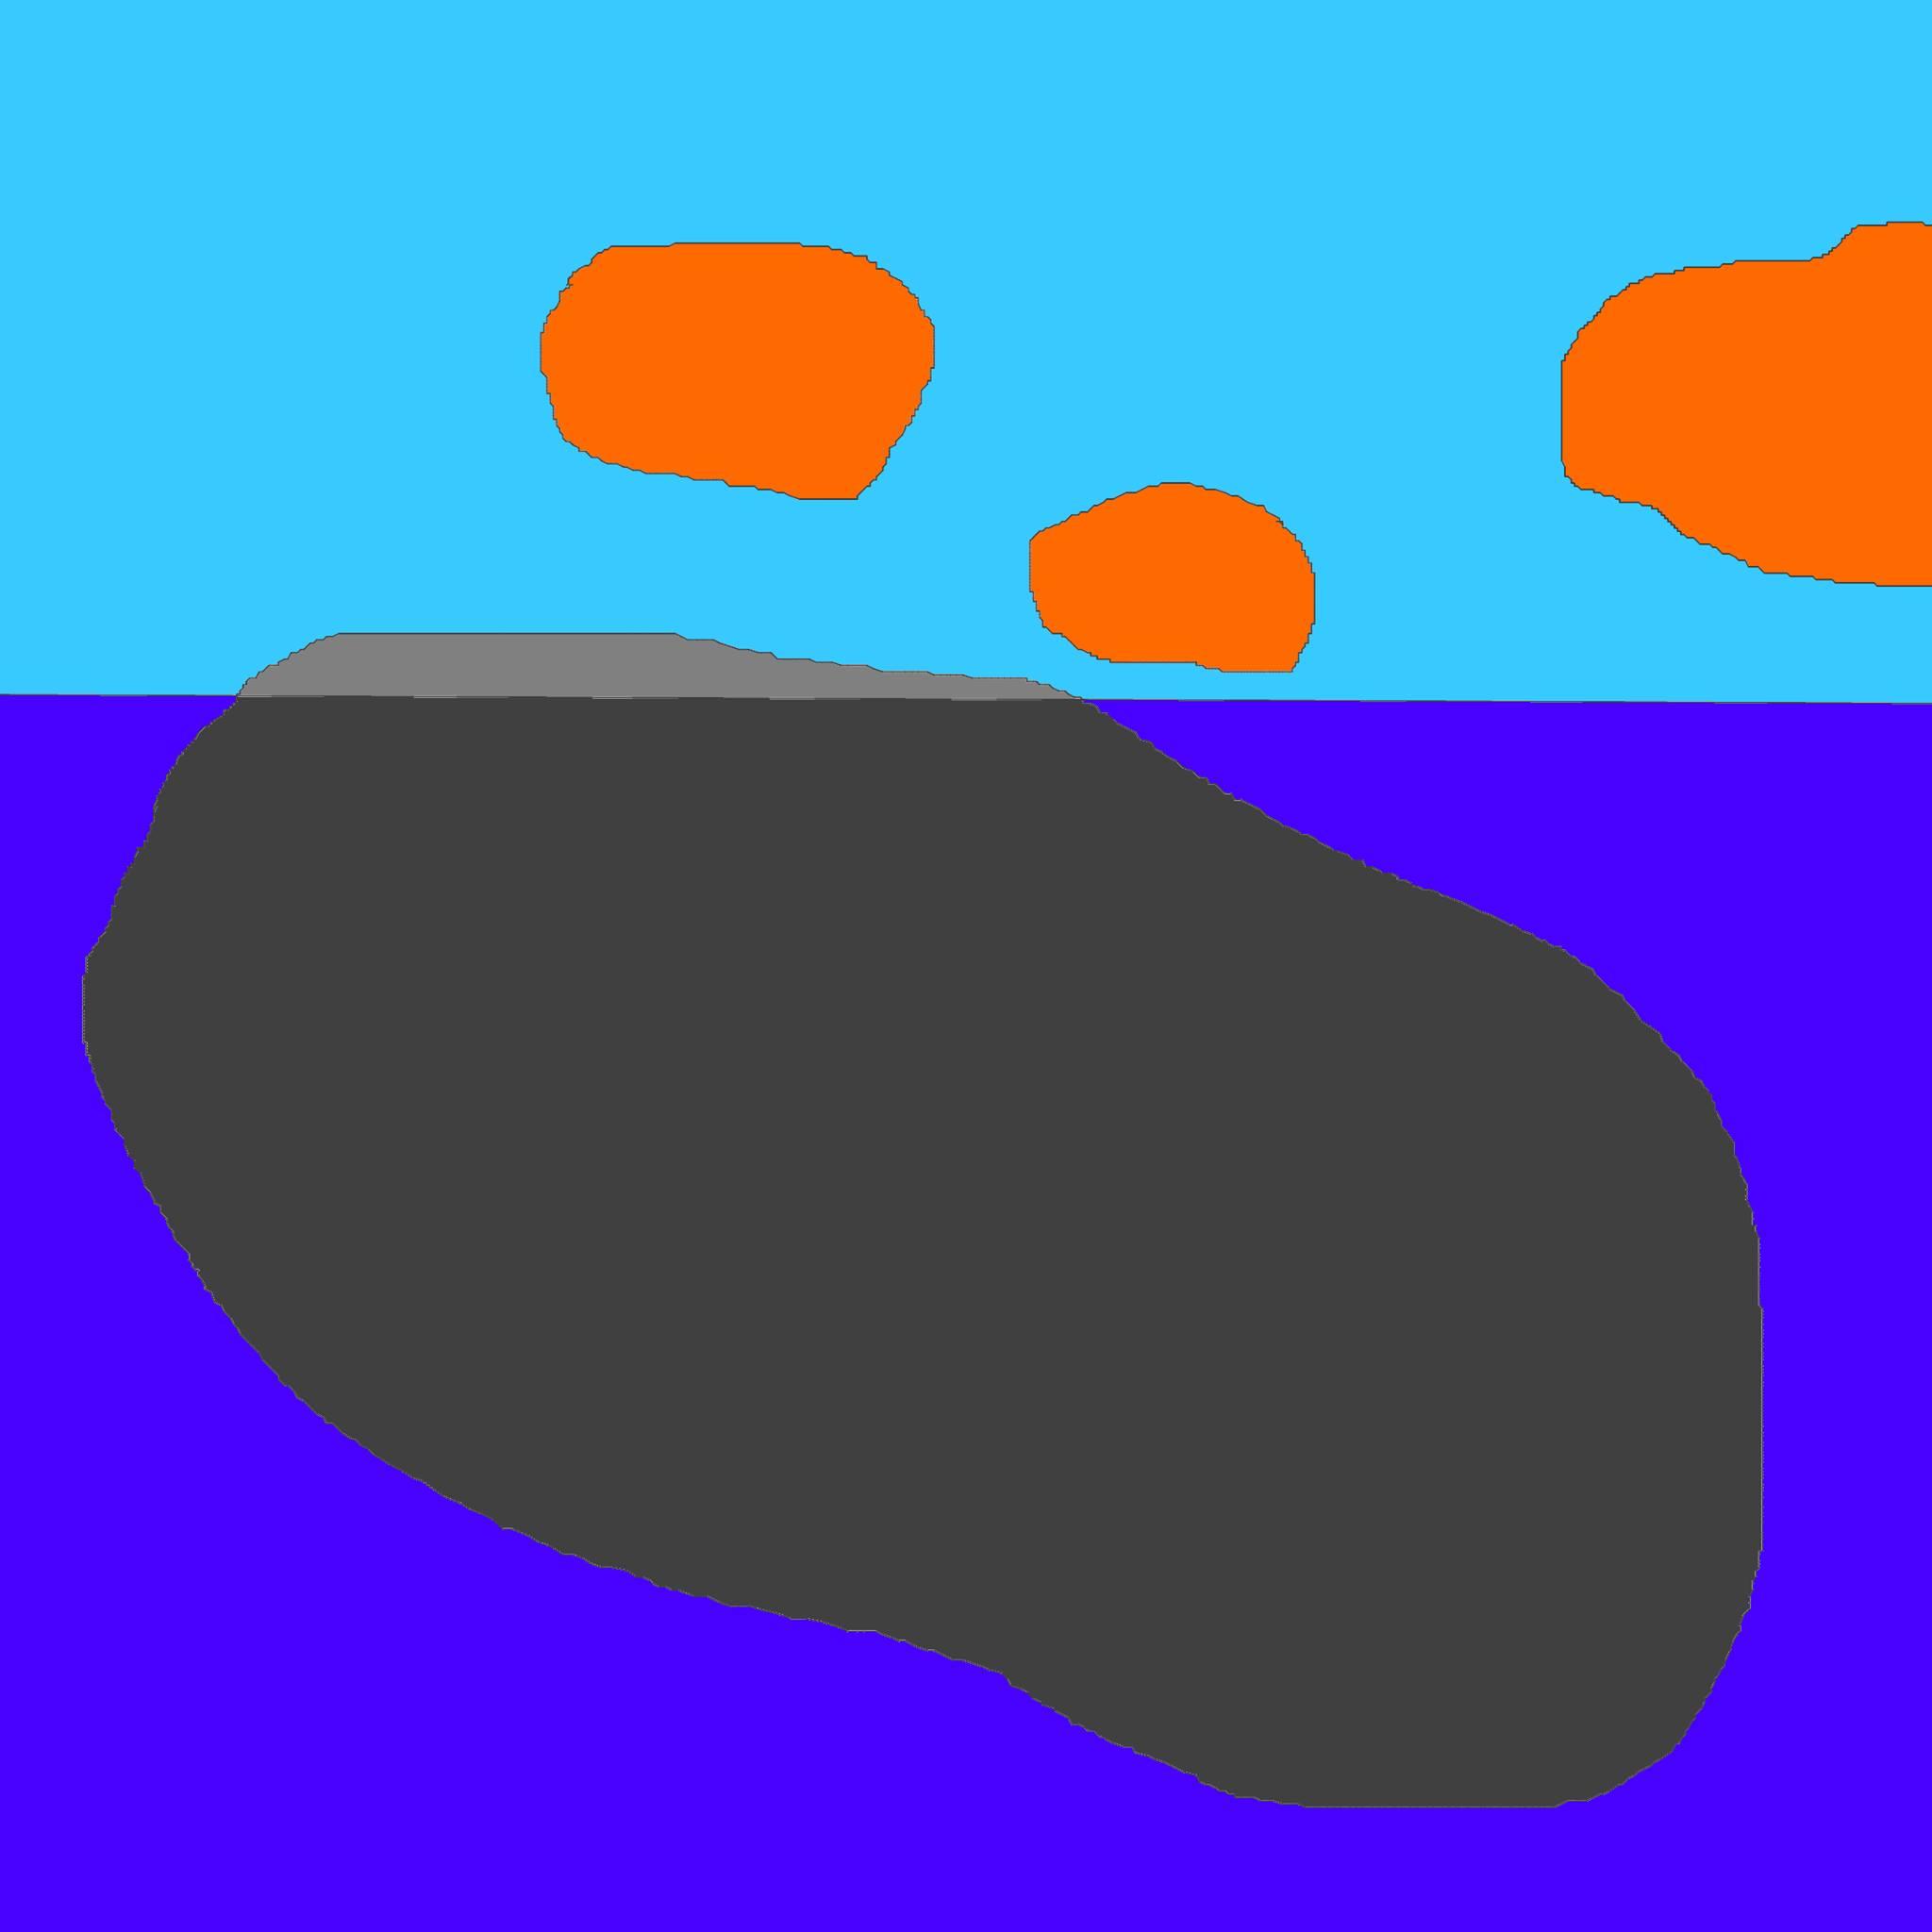 Sketch A